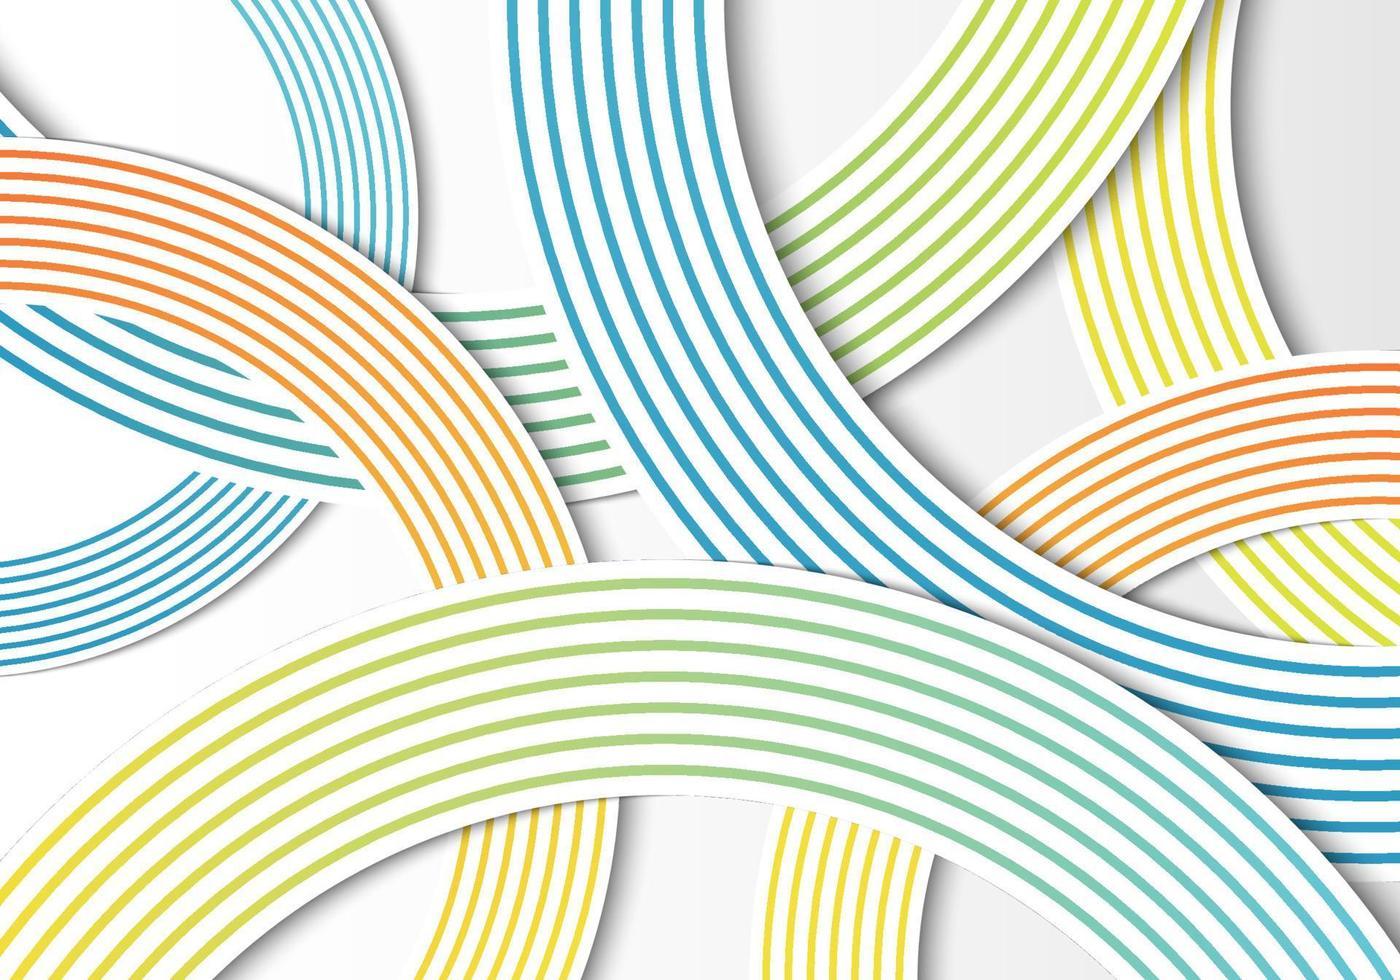 círculos abstratos linhas gradientes se sobrepõem à camada no fundo branco vetor